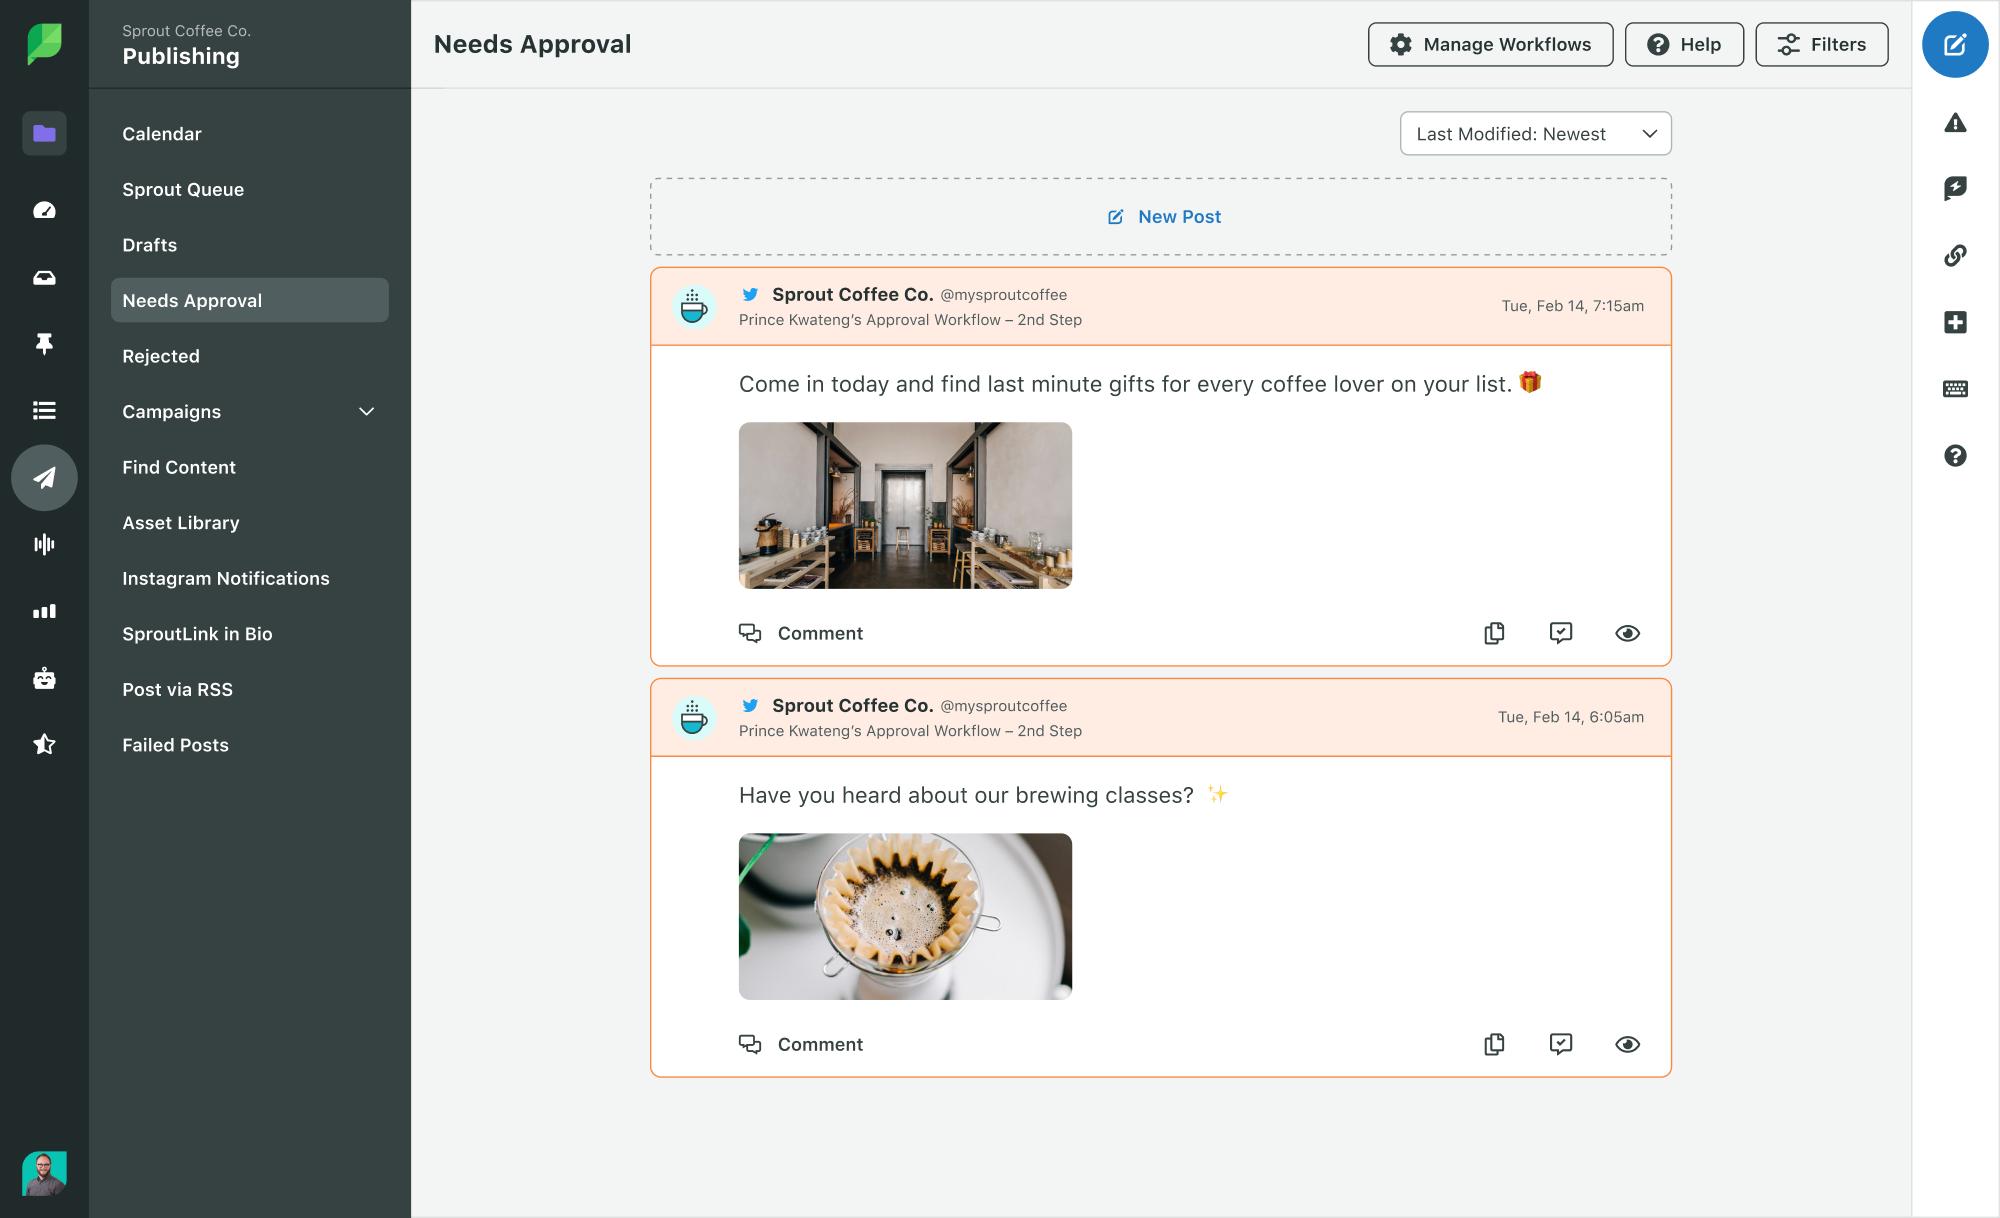 El proceso de flujo de trabajo de aprobación de Sprout Social filtra los mensajes que necesitan respuestas o publicaciones de aprobación.